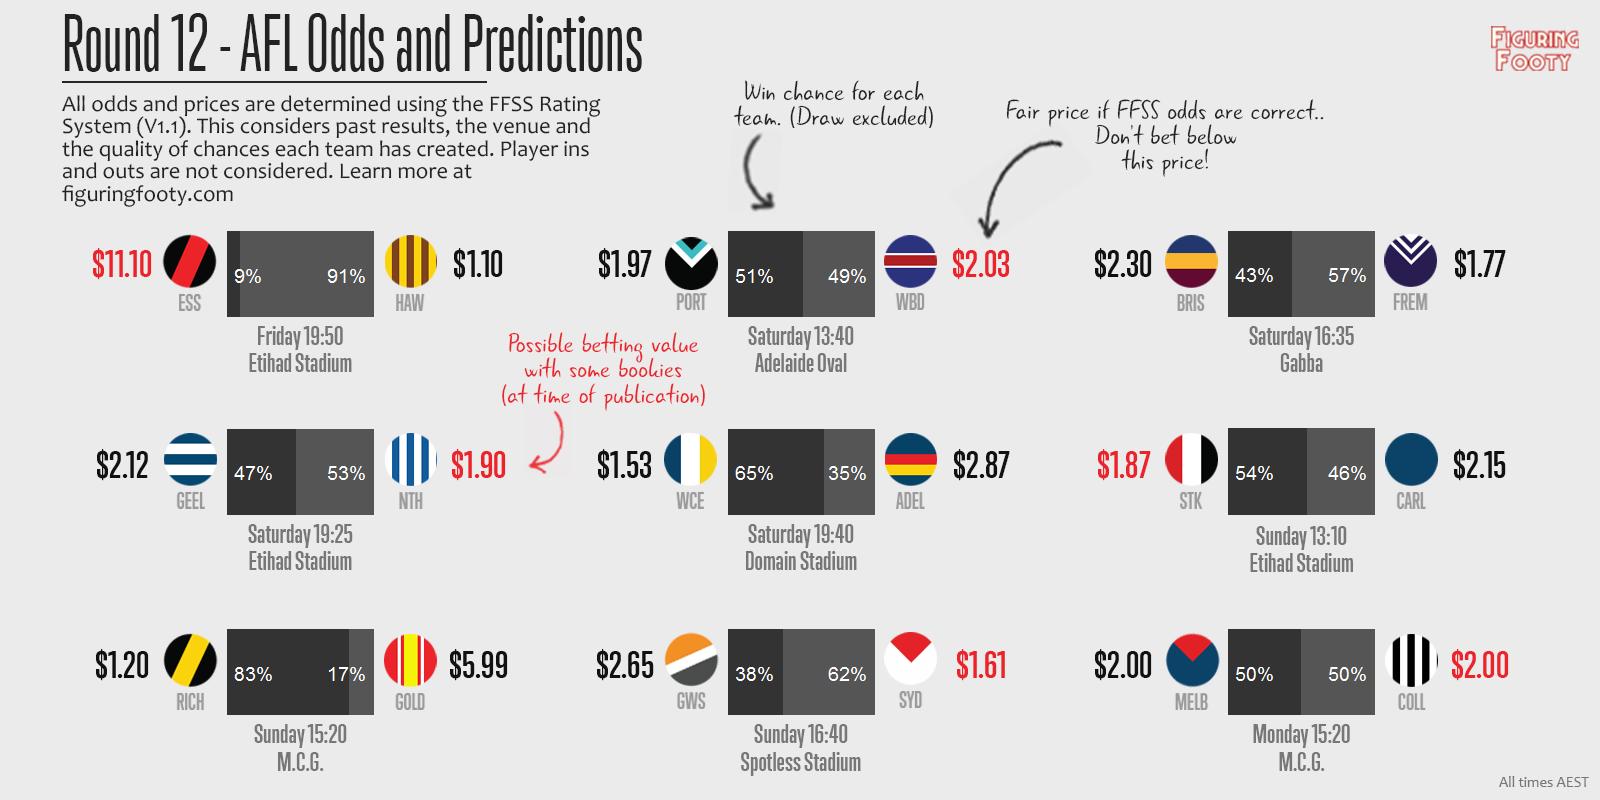 FFSS Week 12 Predictions